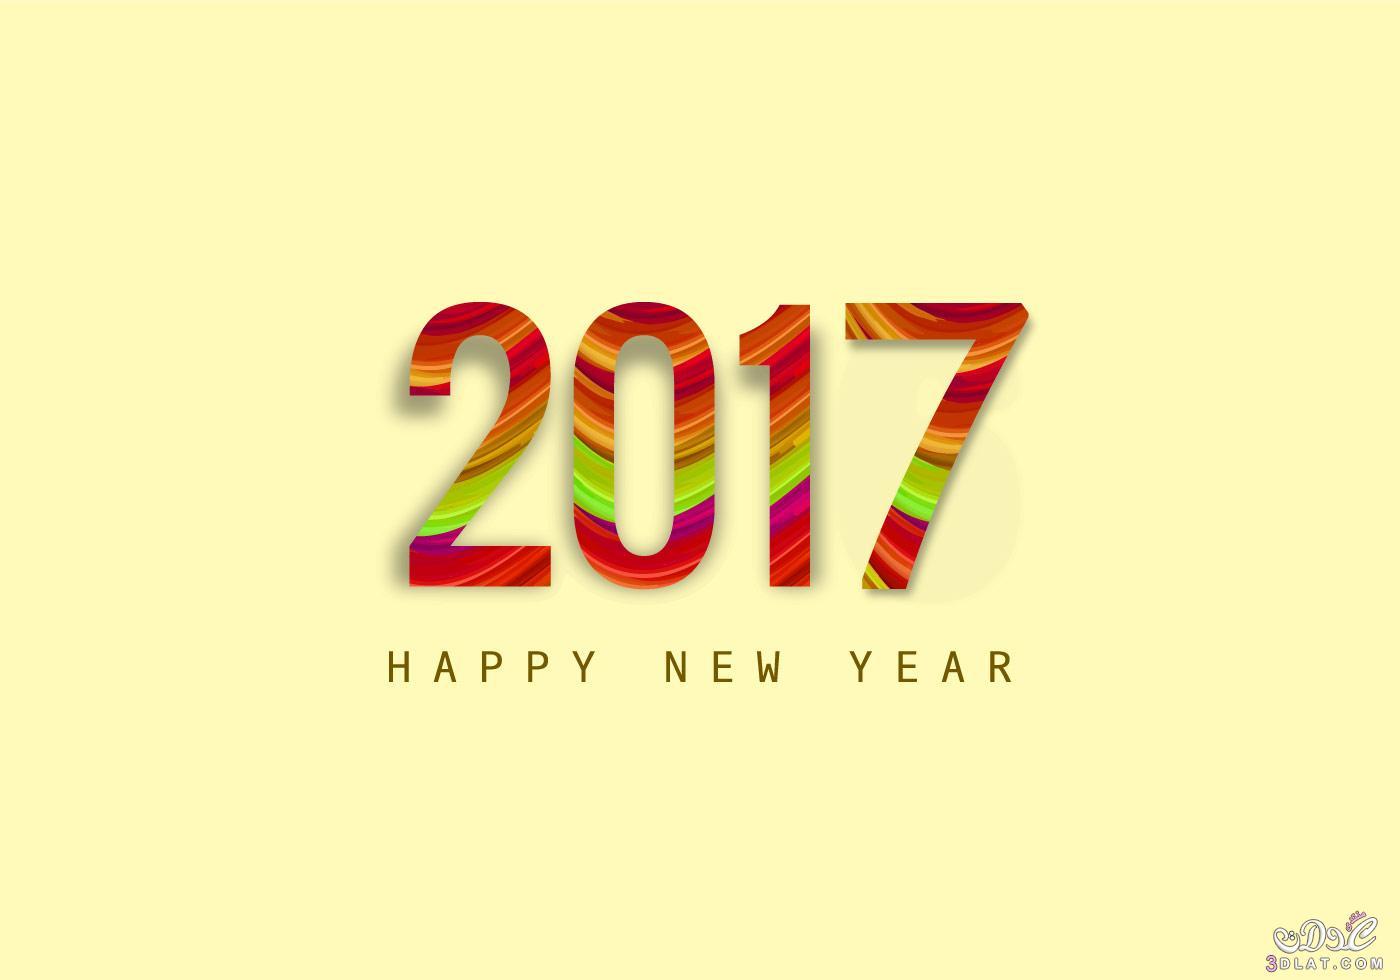 صور للعام الجديد 2017 , اروع رمزيات راس السنة الميلادية , photos new years 2017 new_1479739244_221.j